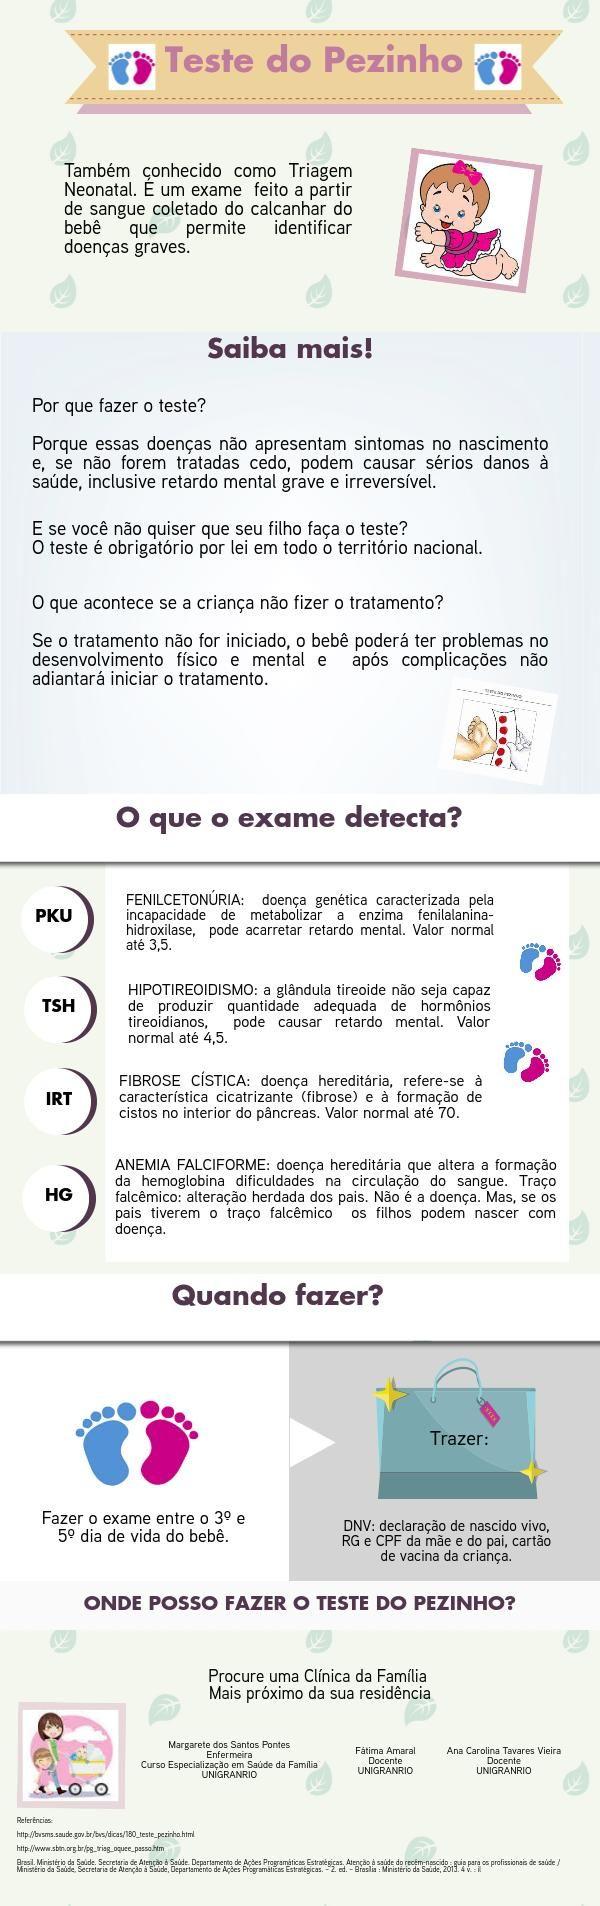 Teste do Pezinho | @Piktochart Infographic